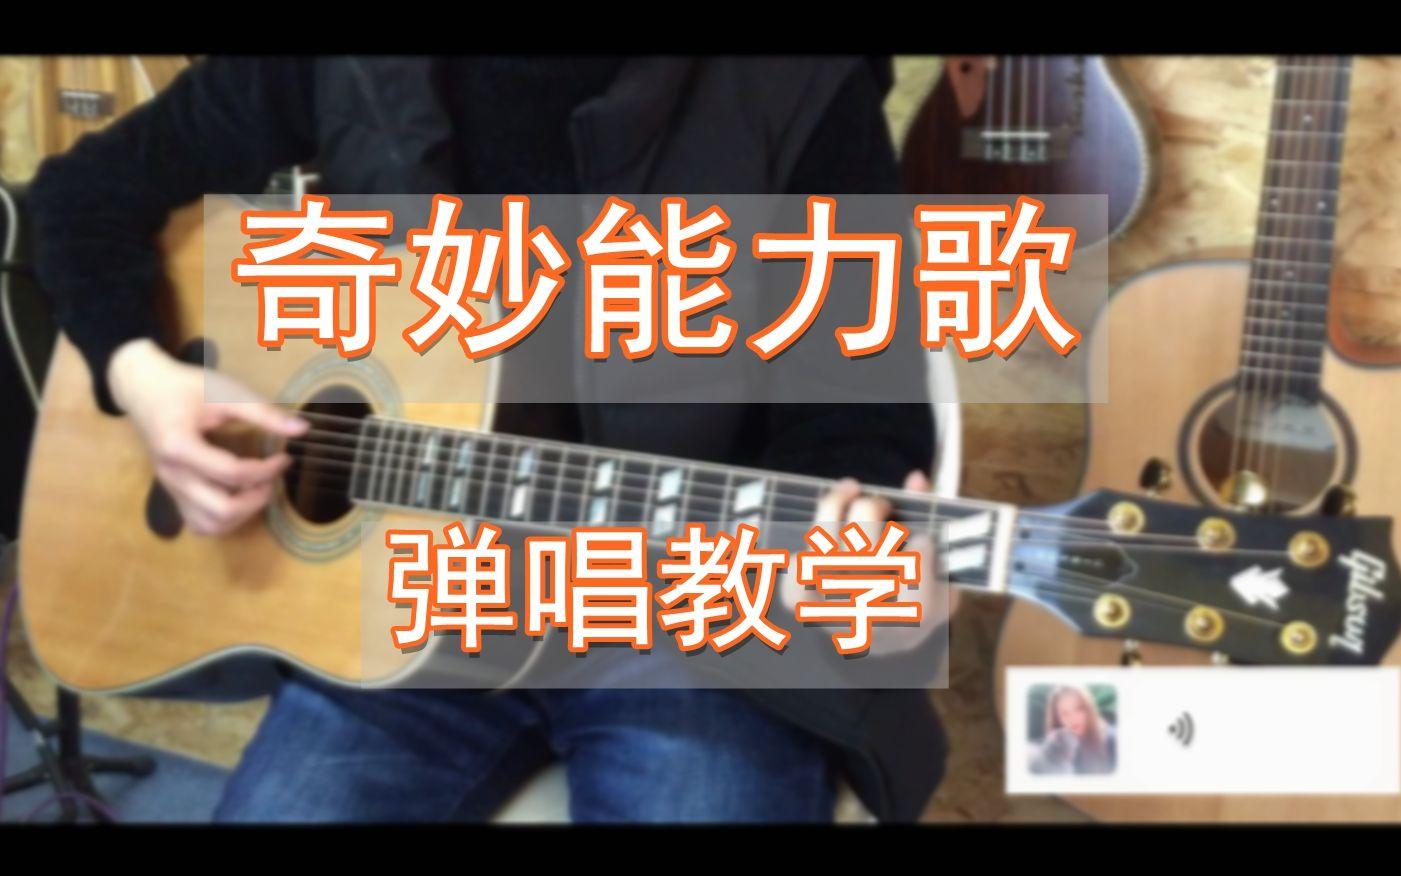 【初级歌曲篇】第④课|《奇妙能力歌》弹唱教学(附谱)